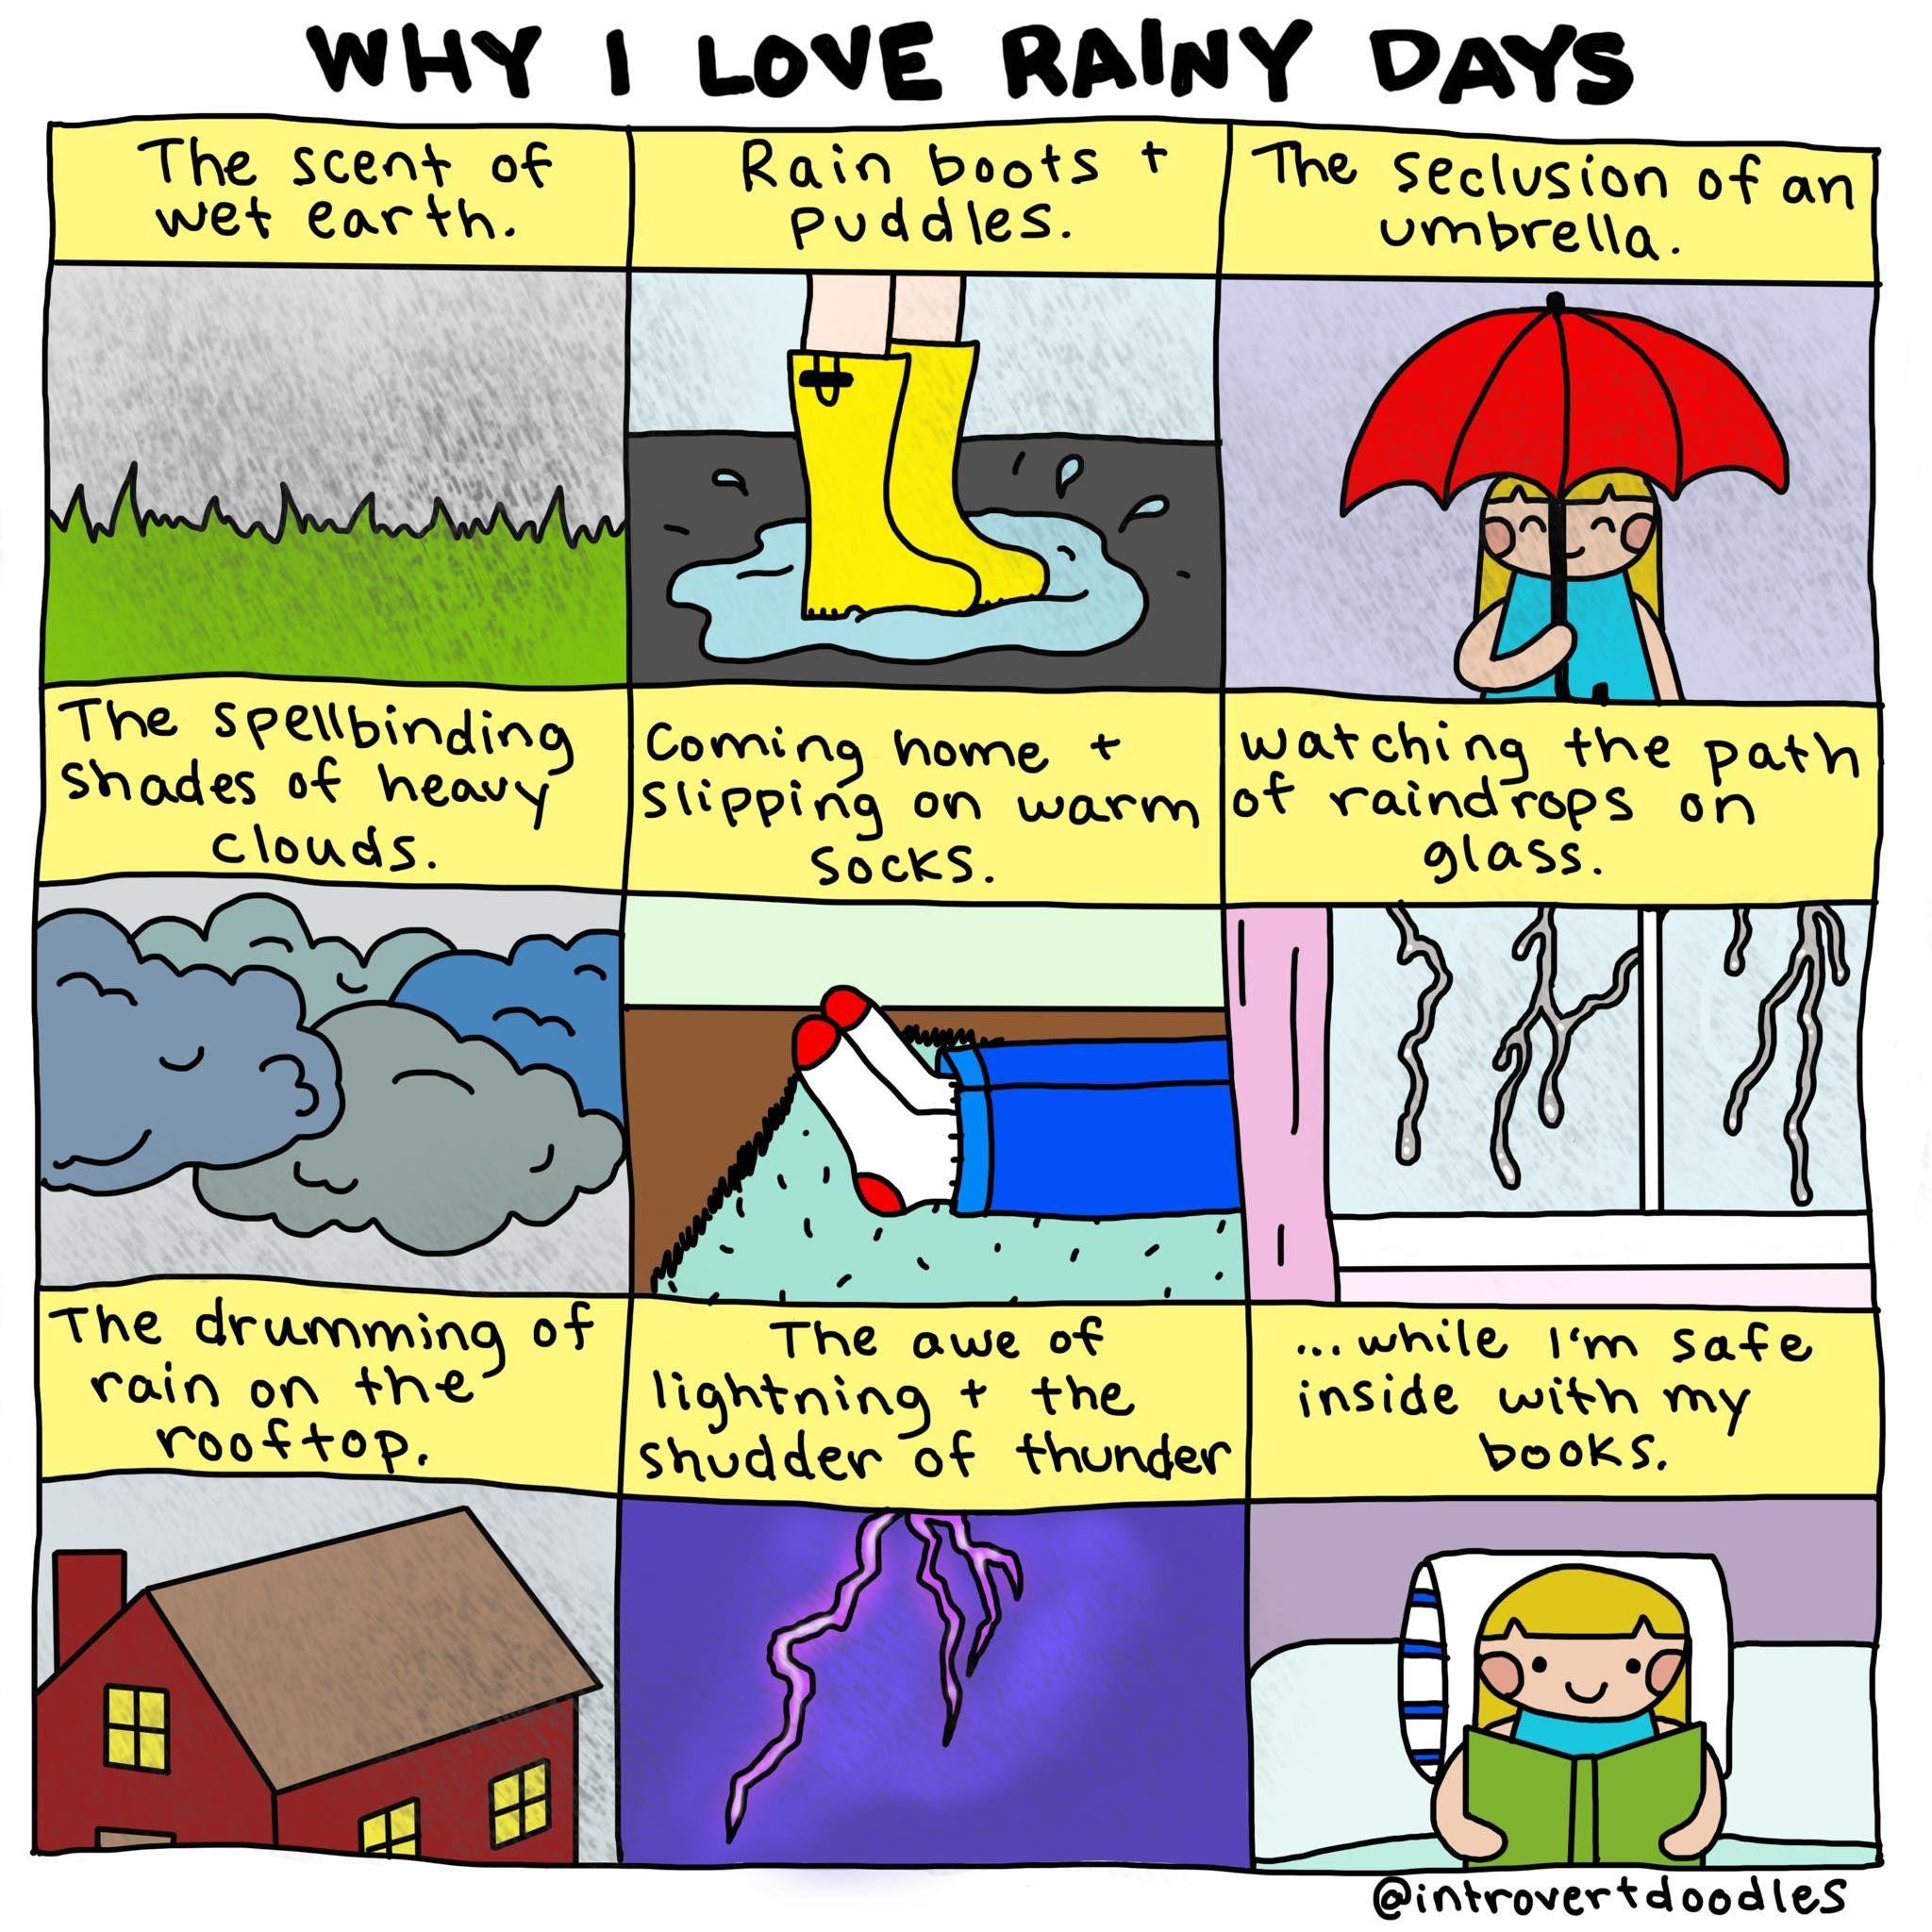 I Love Rainy Days: Why I Love Rainy Days. #introvert #introvertdoodles